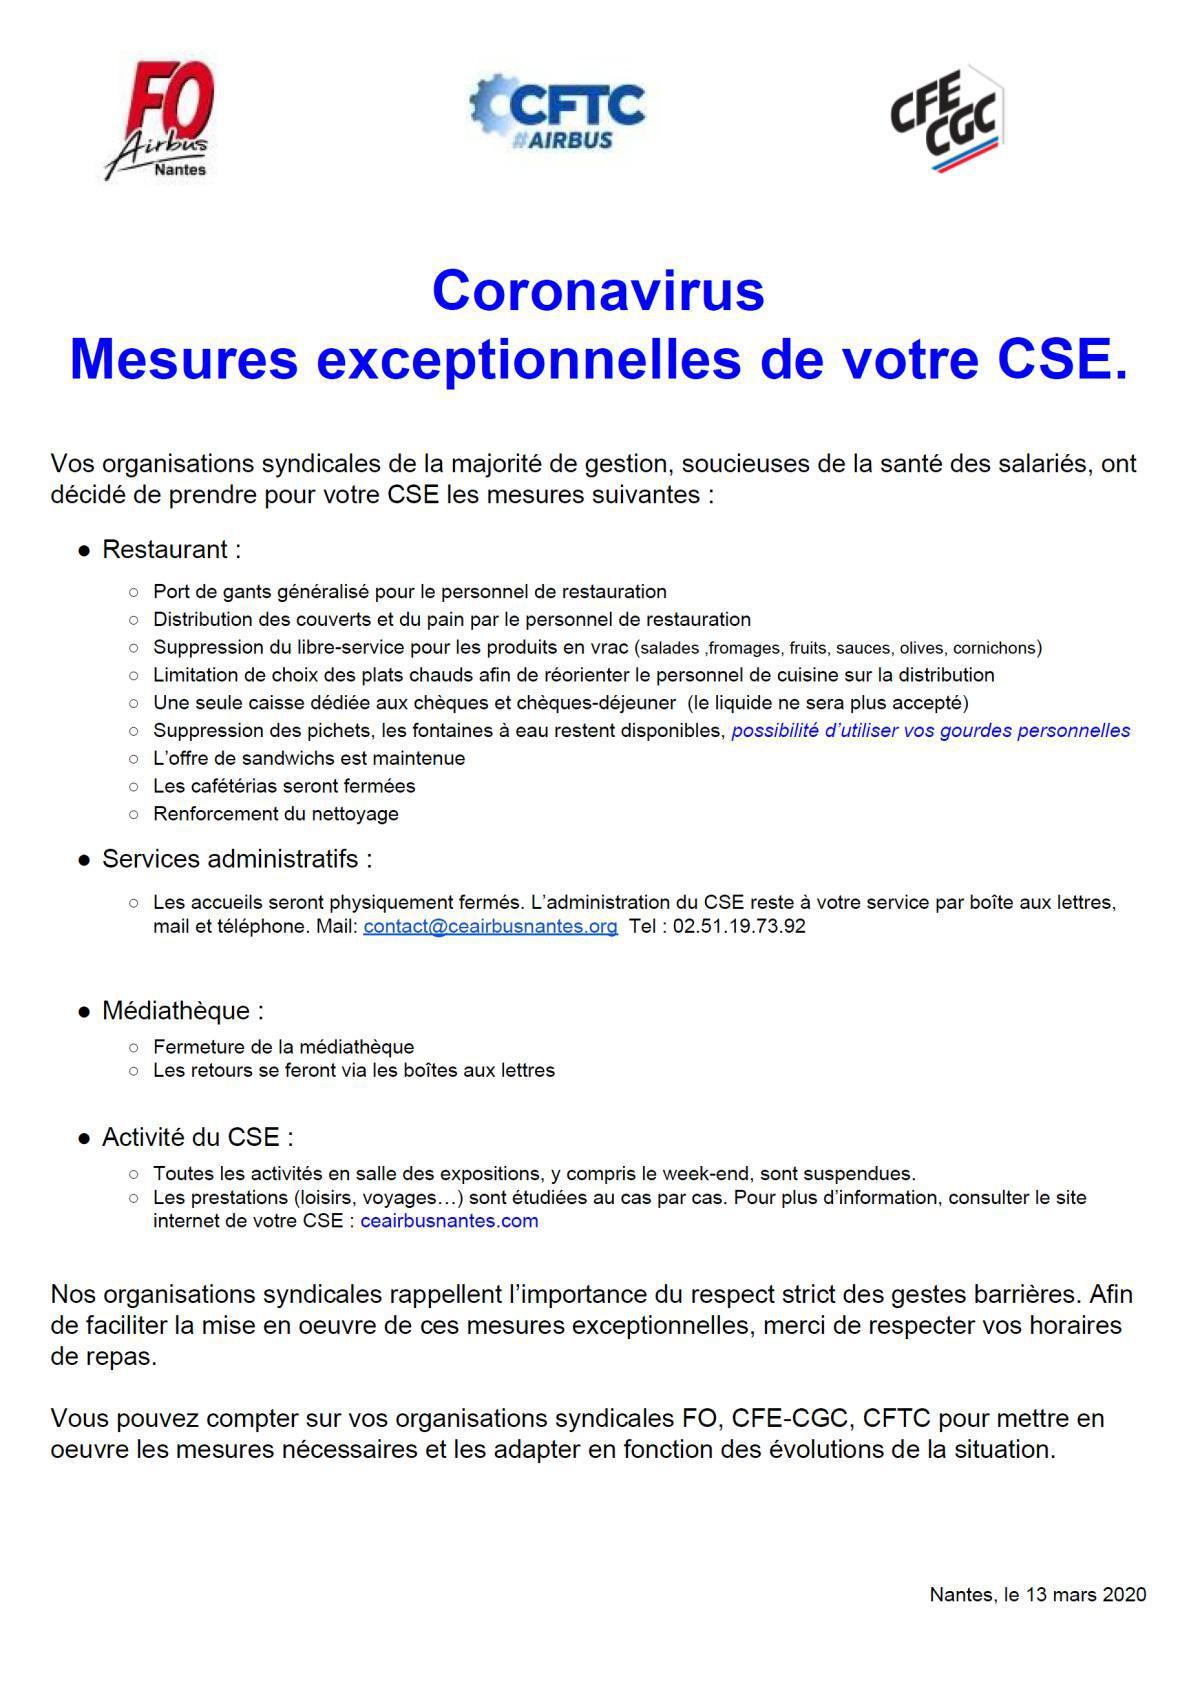 Mesures exceptionnelles de votre CSE